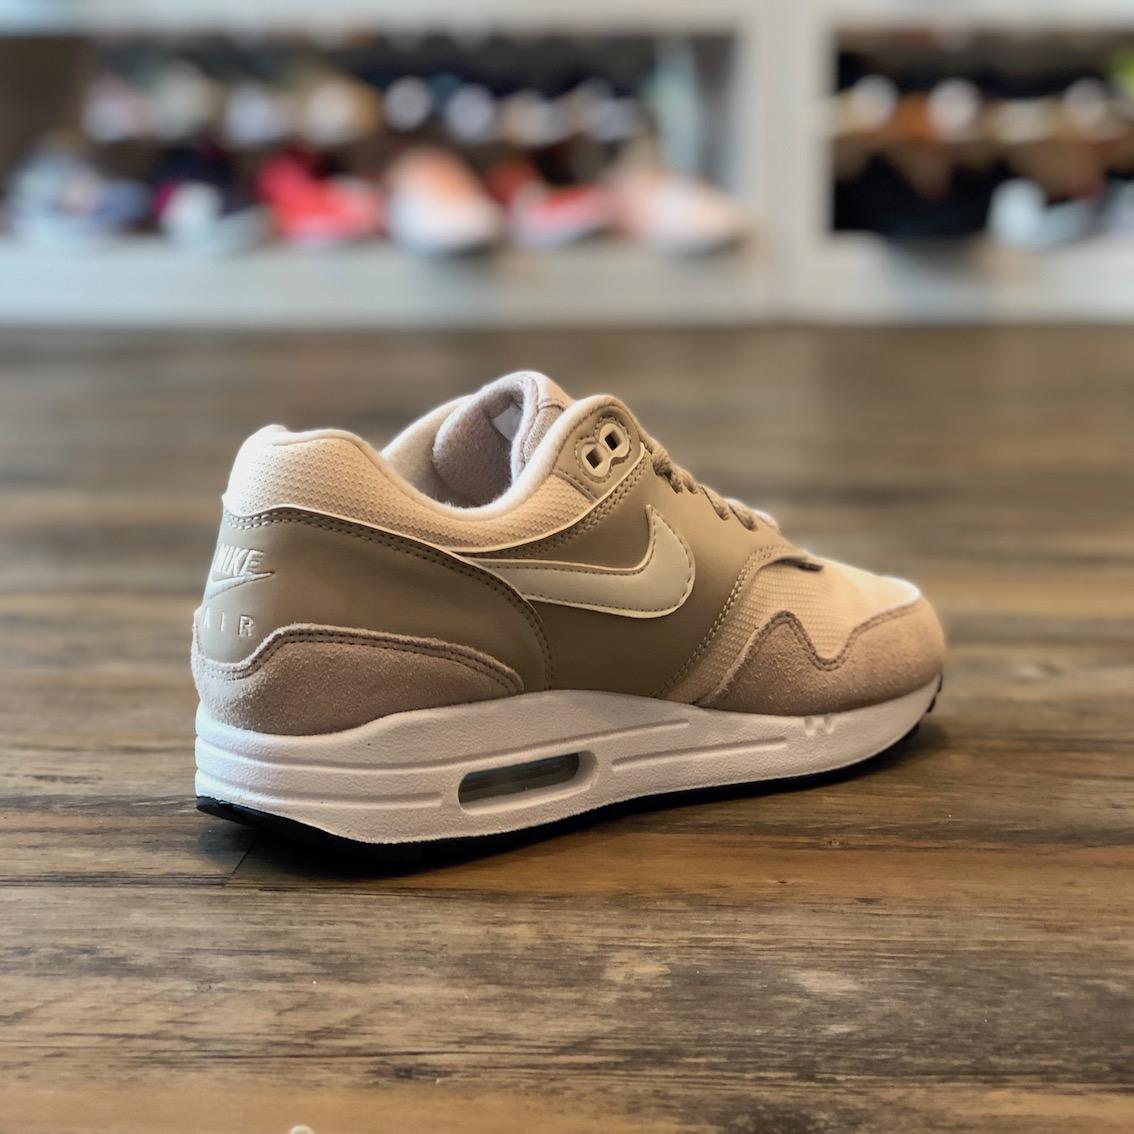 Detalles de Nike Air Max 1 essential talla 36,5 zapatos zapatillas beige nuevo 319986 207 ver título original